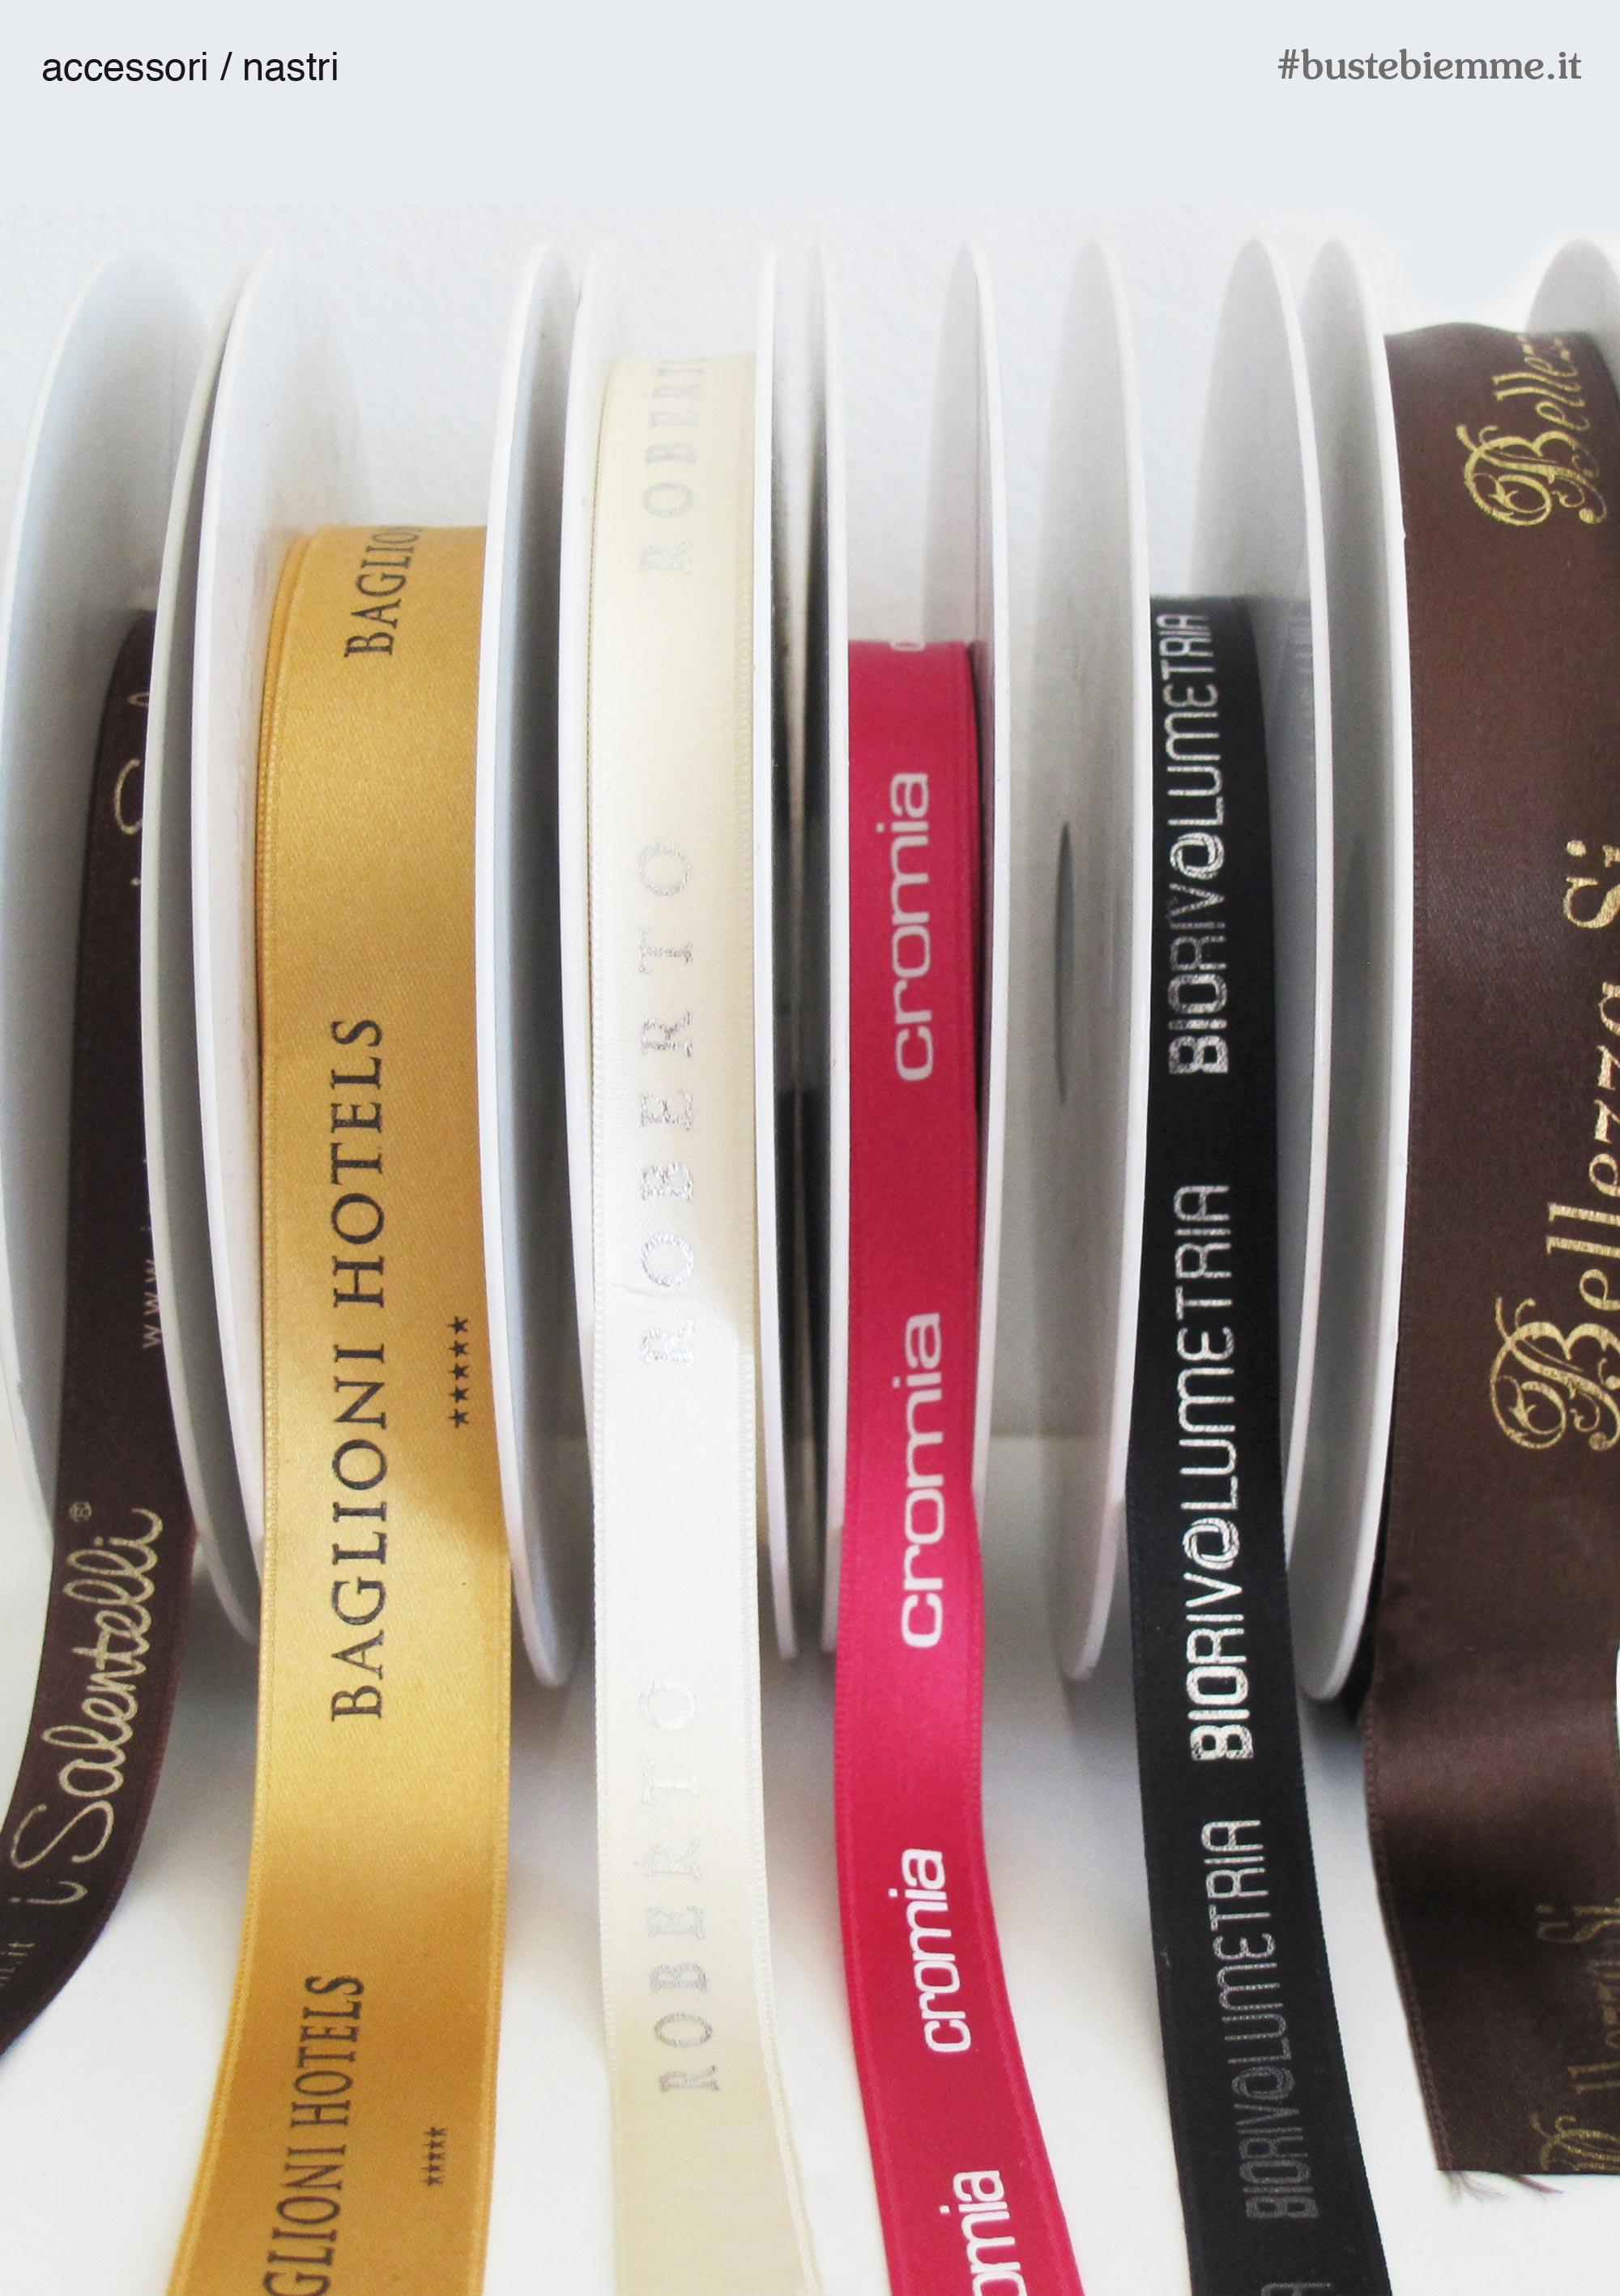 nastri personalizzati con stampa in serigrafia